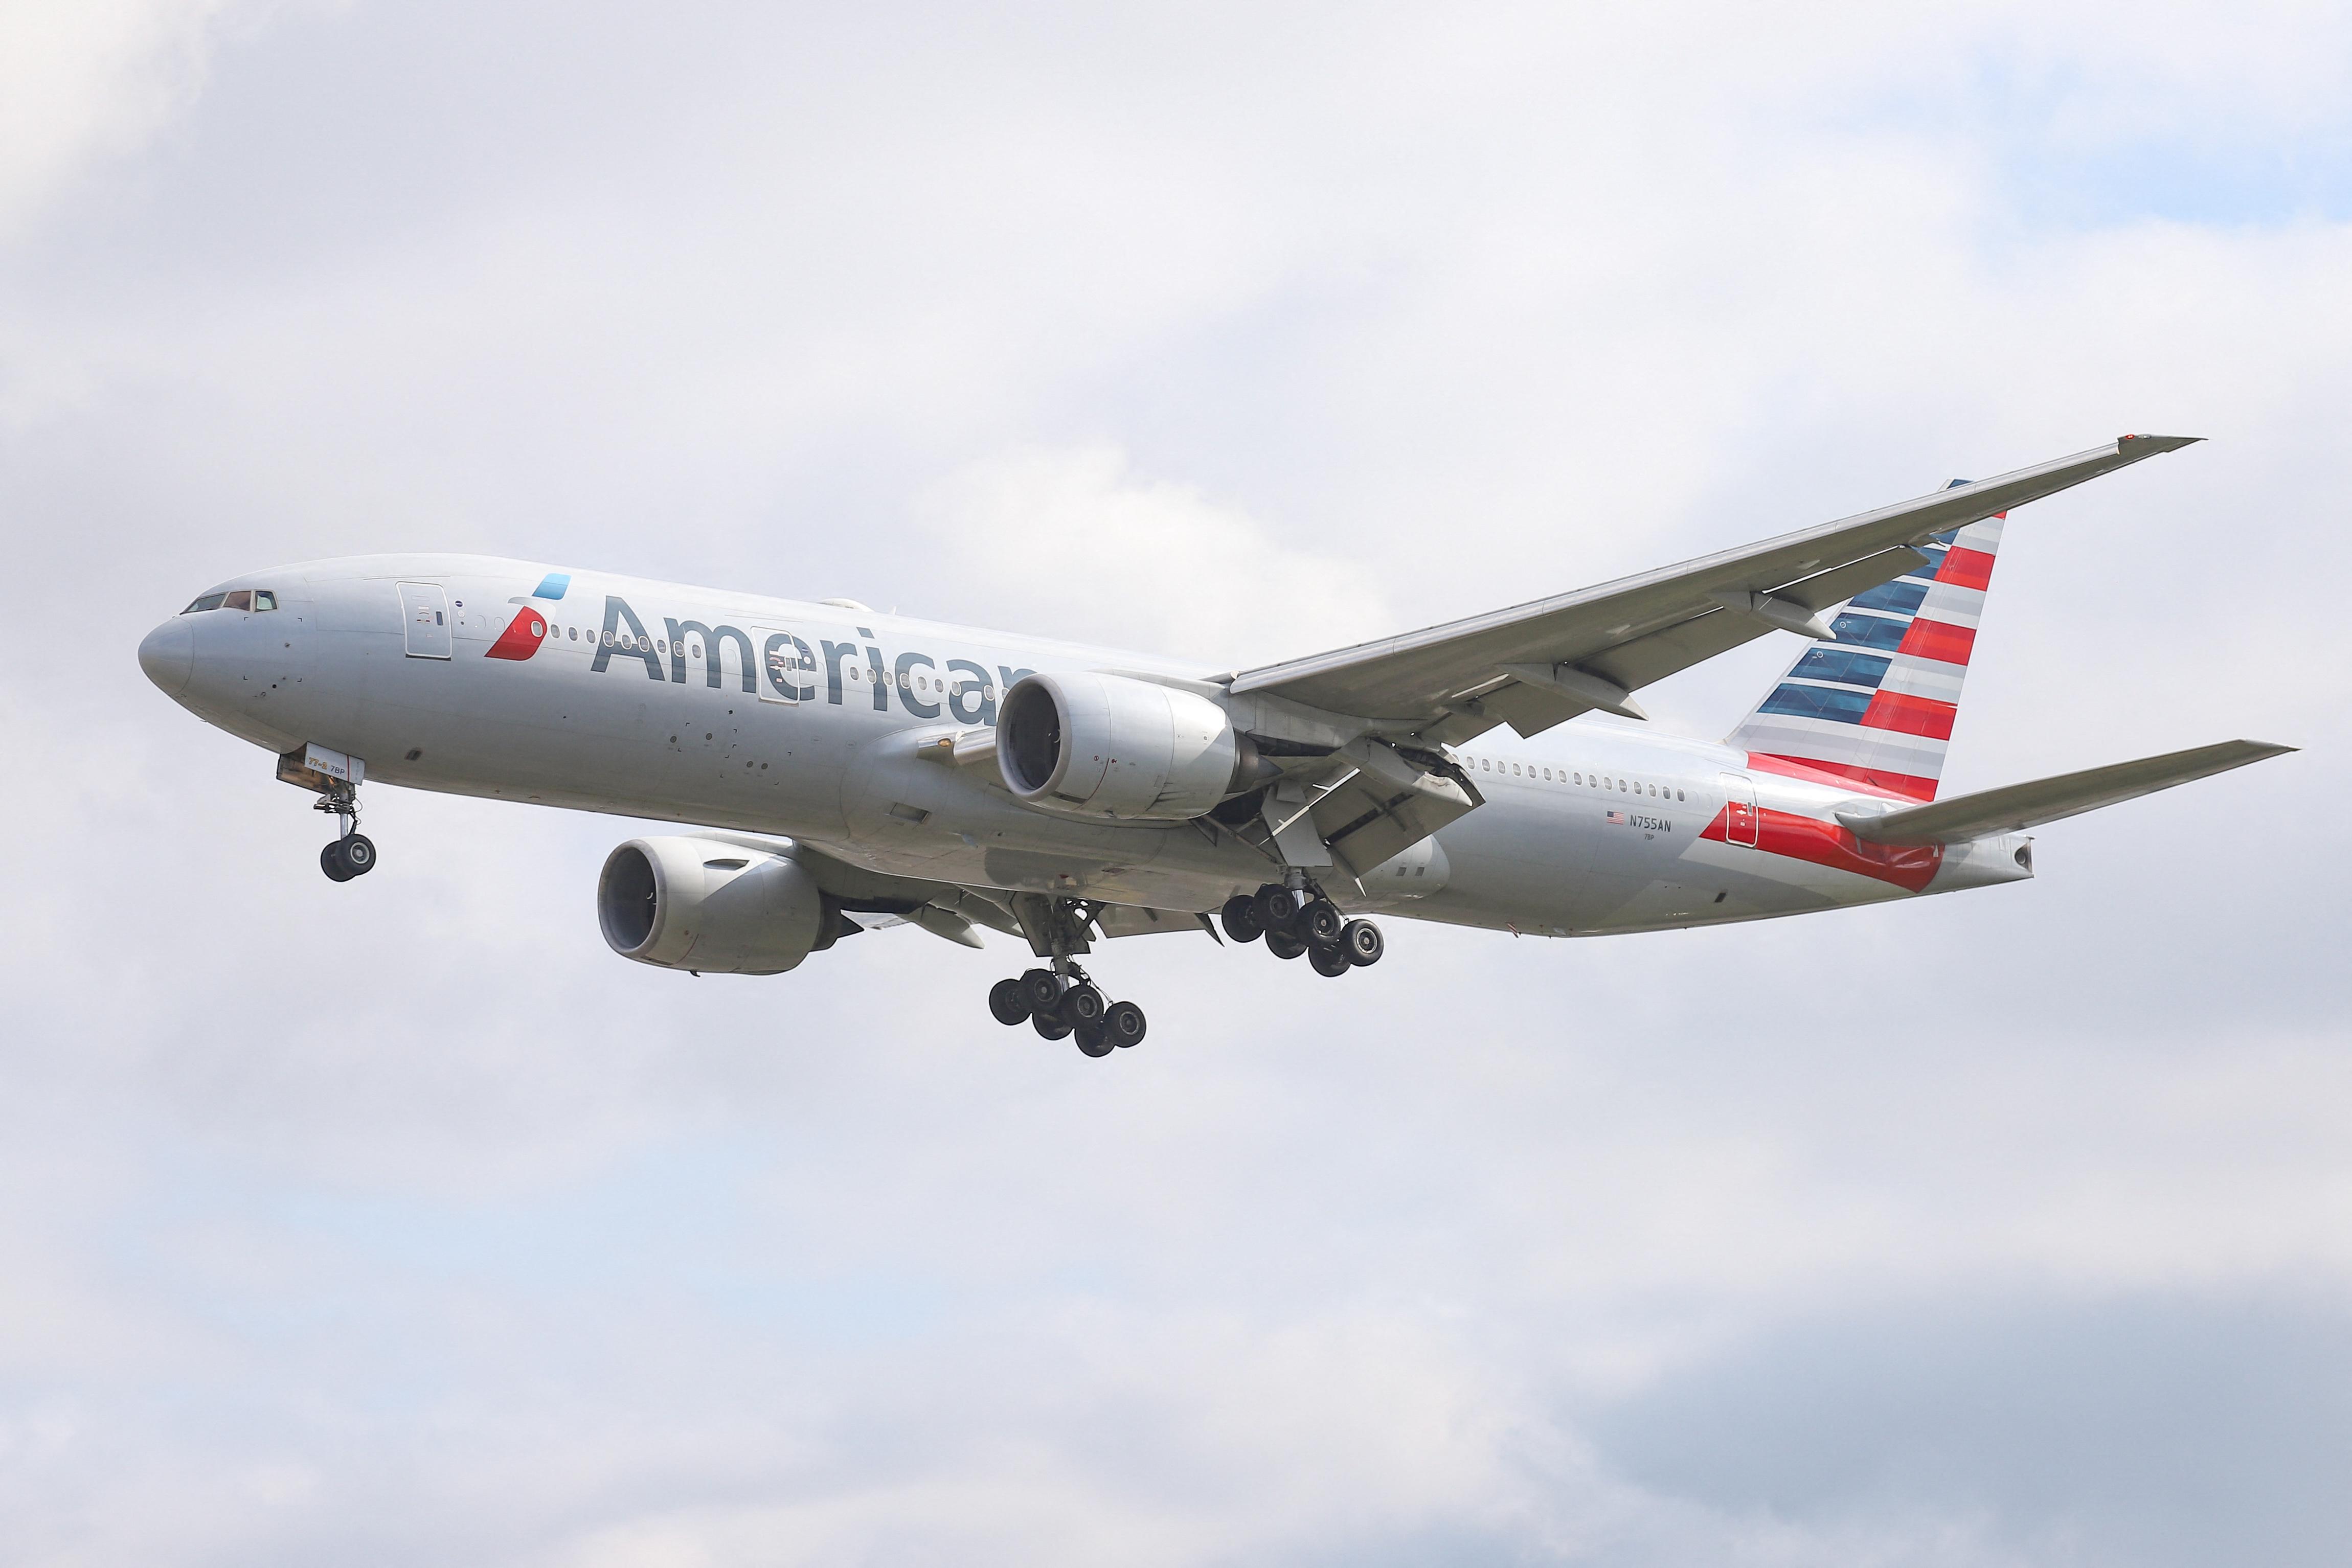 A Boeing azt tanácsolja, a 777-esek ne repüljenek, amíg le nem zárul a kigyulladt hajtómű vizsgálata